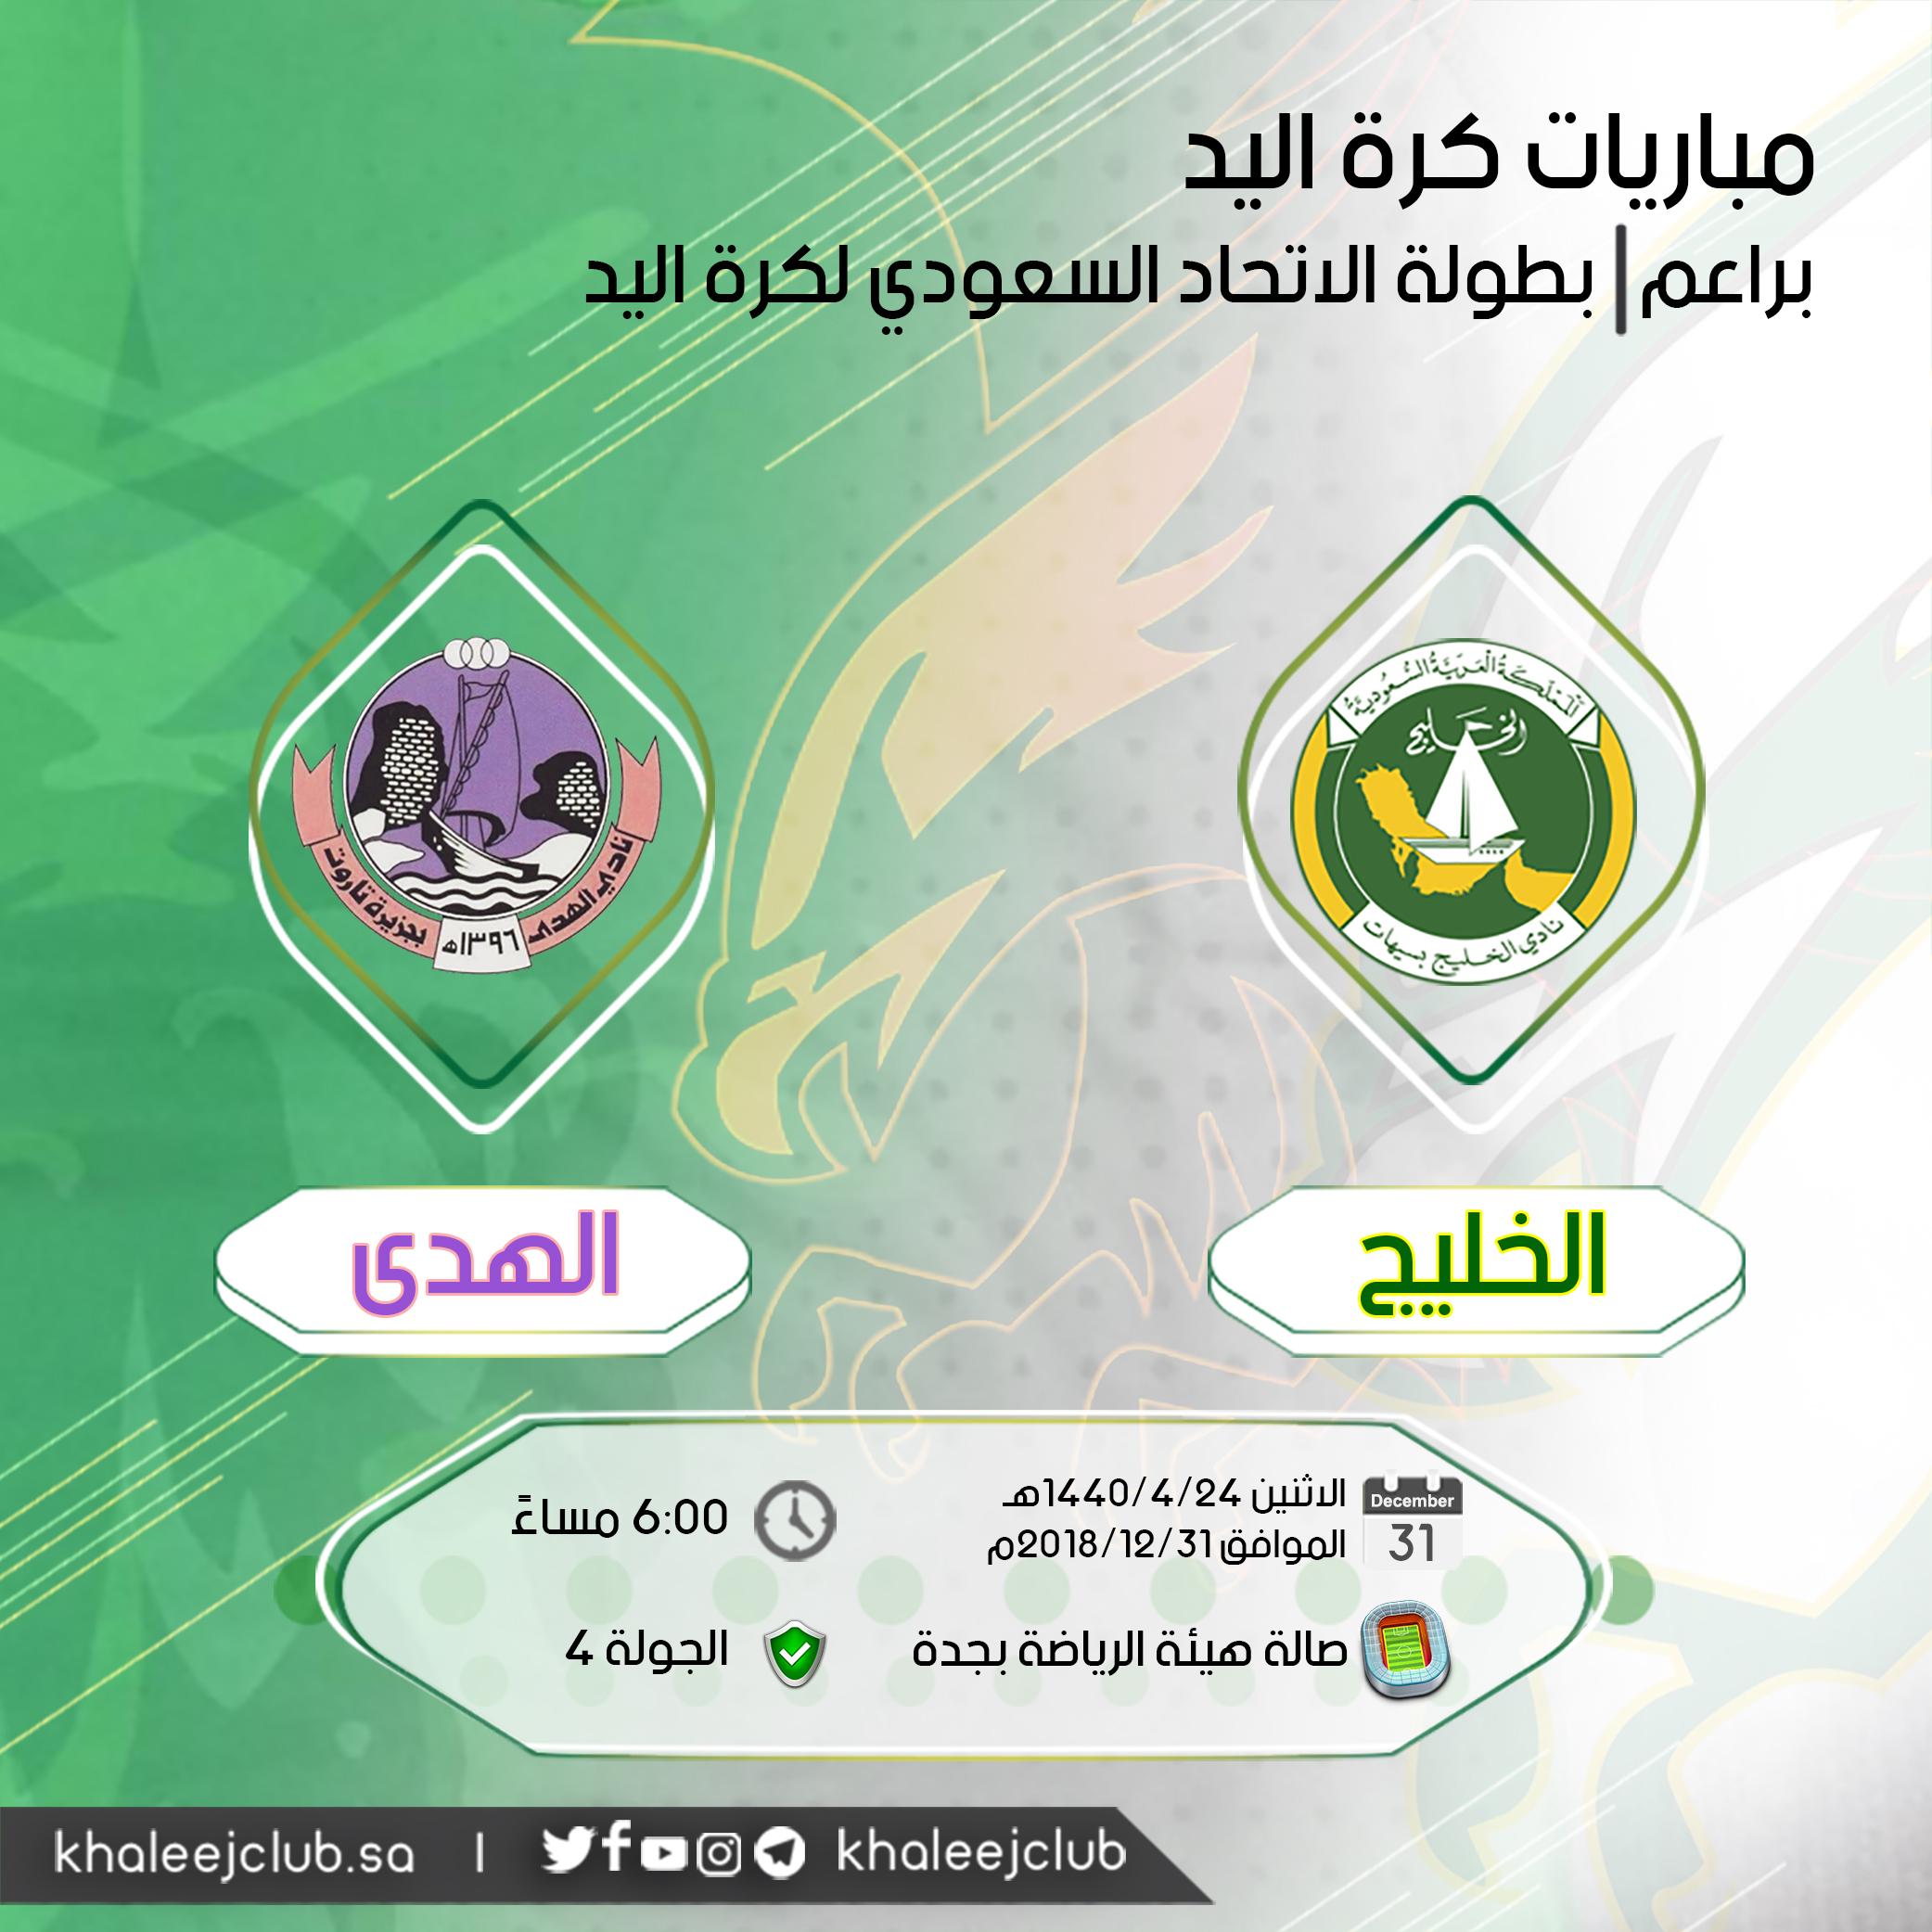 #براعم_يد_الخليج يقابلون العربي والهدى في ثالث ورابع جولات بطولة اتحاد اليد بعد خسارتهم من الوحدة ضمن الجولة الثانية